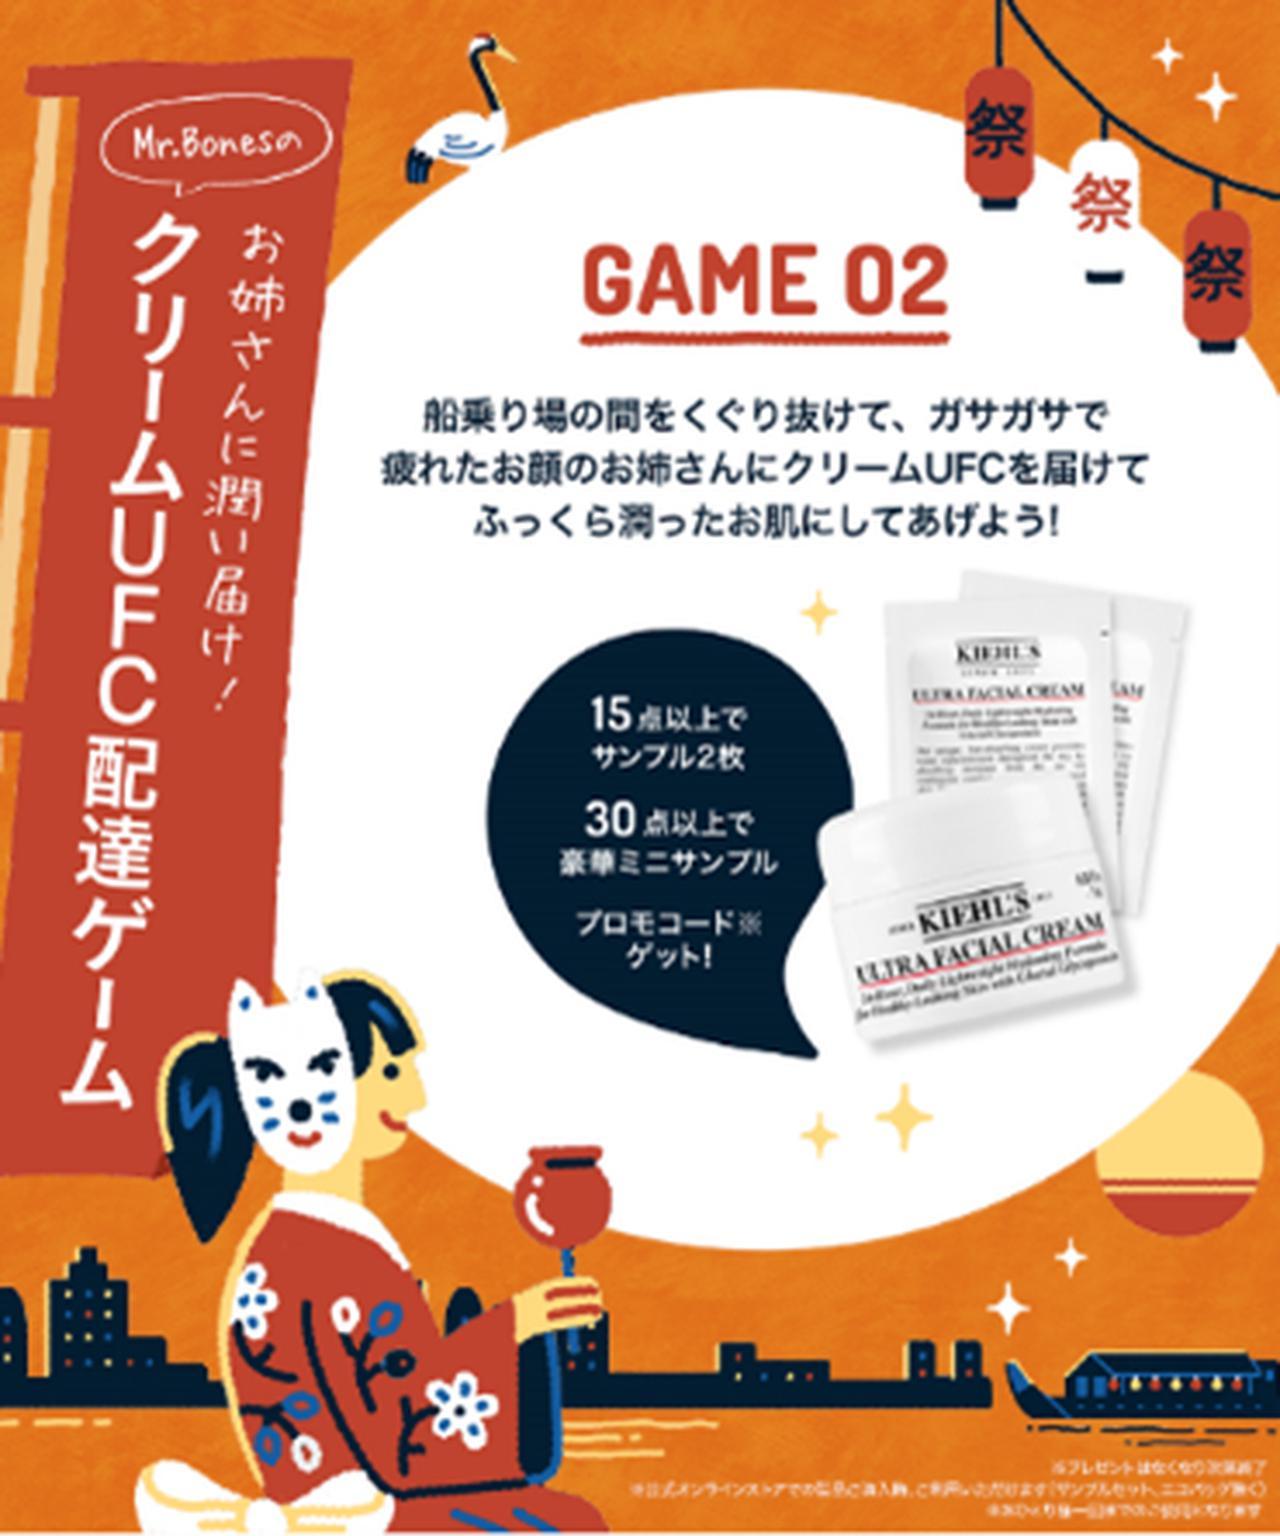 画像3: 今年もキールズが日本の夏祭りをお届け!